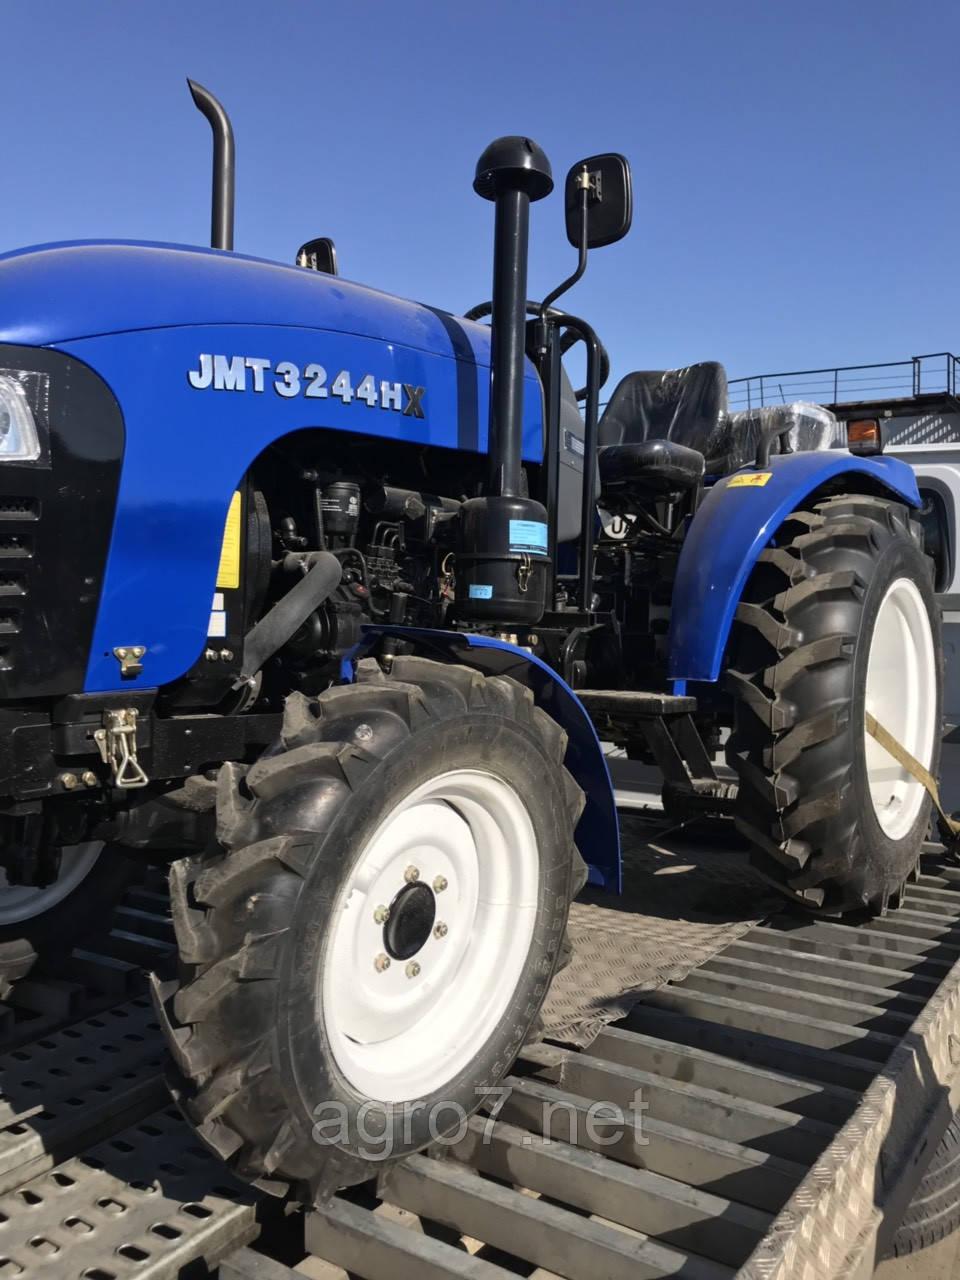 Трактор с доставкой JINMA JMT3244HX (3 цил., 24л.с.)